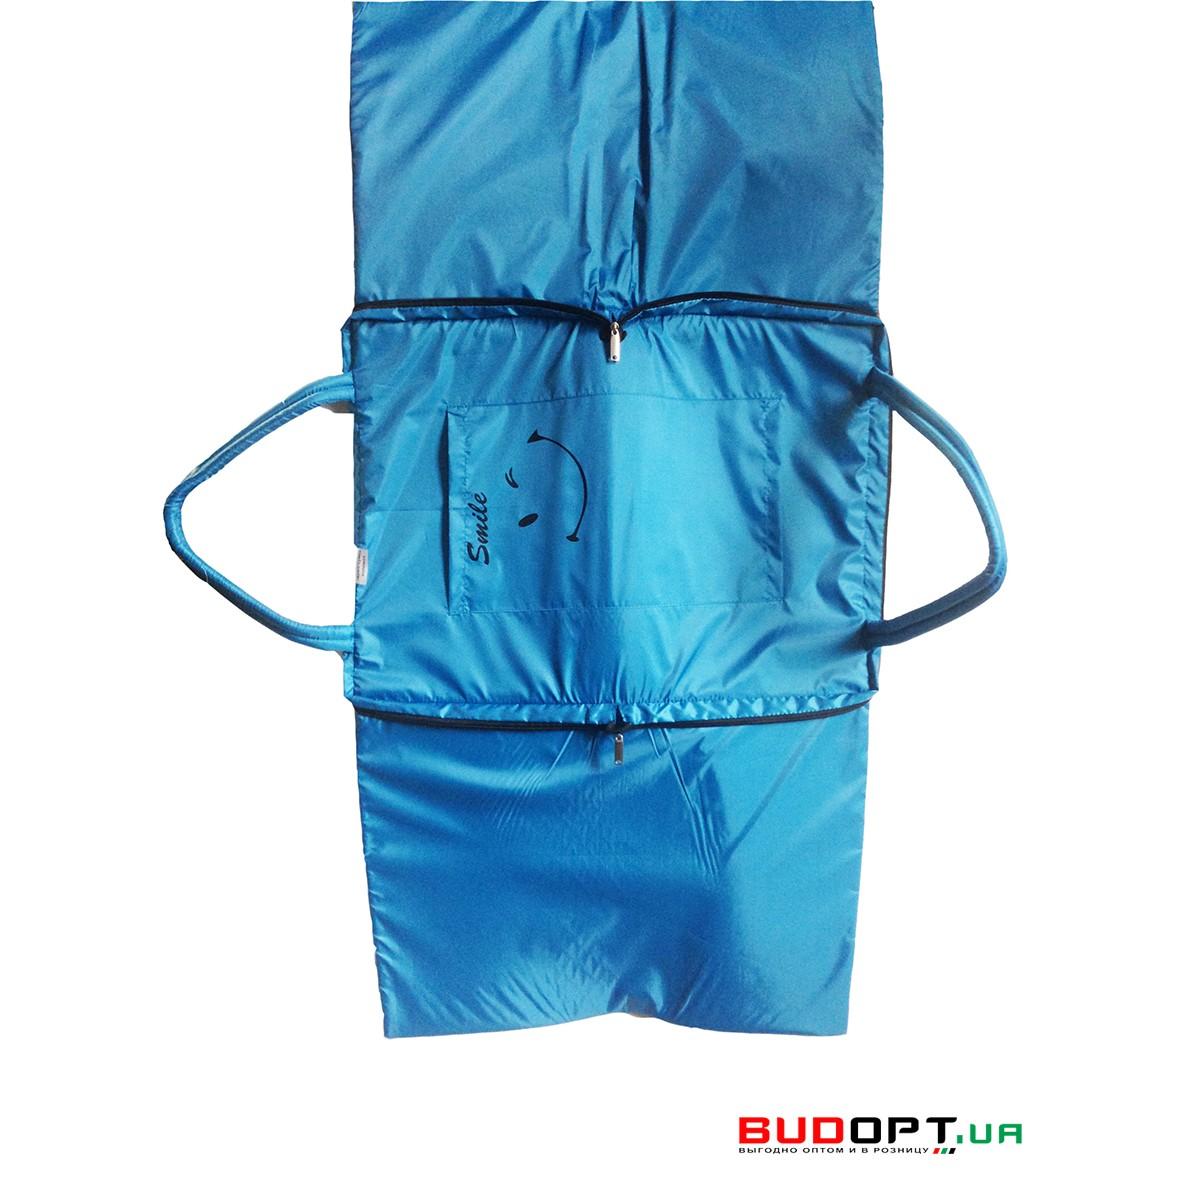 Коврик сумка для пляжа выкройки